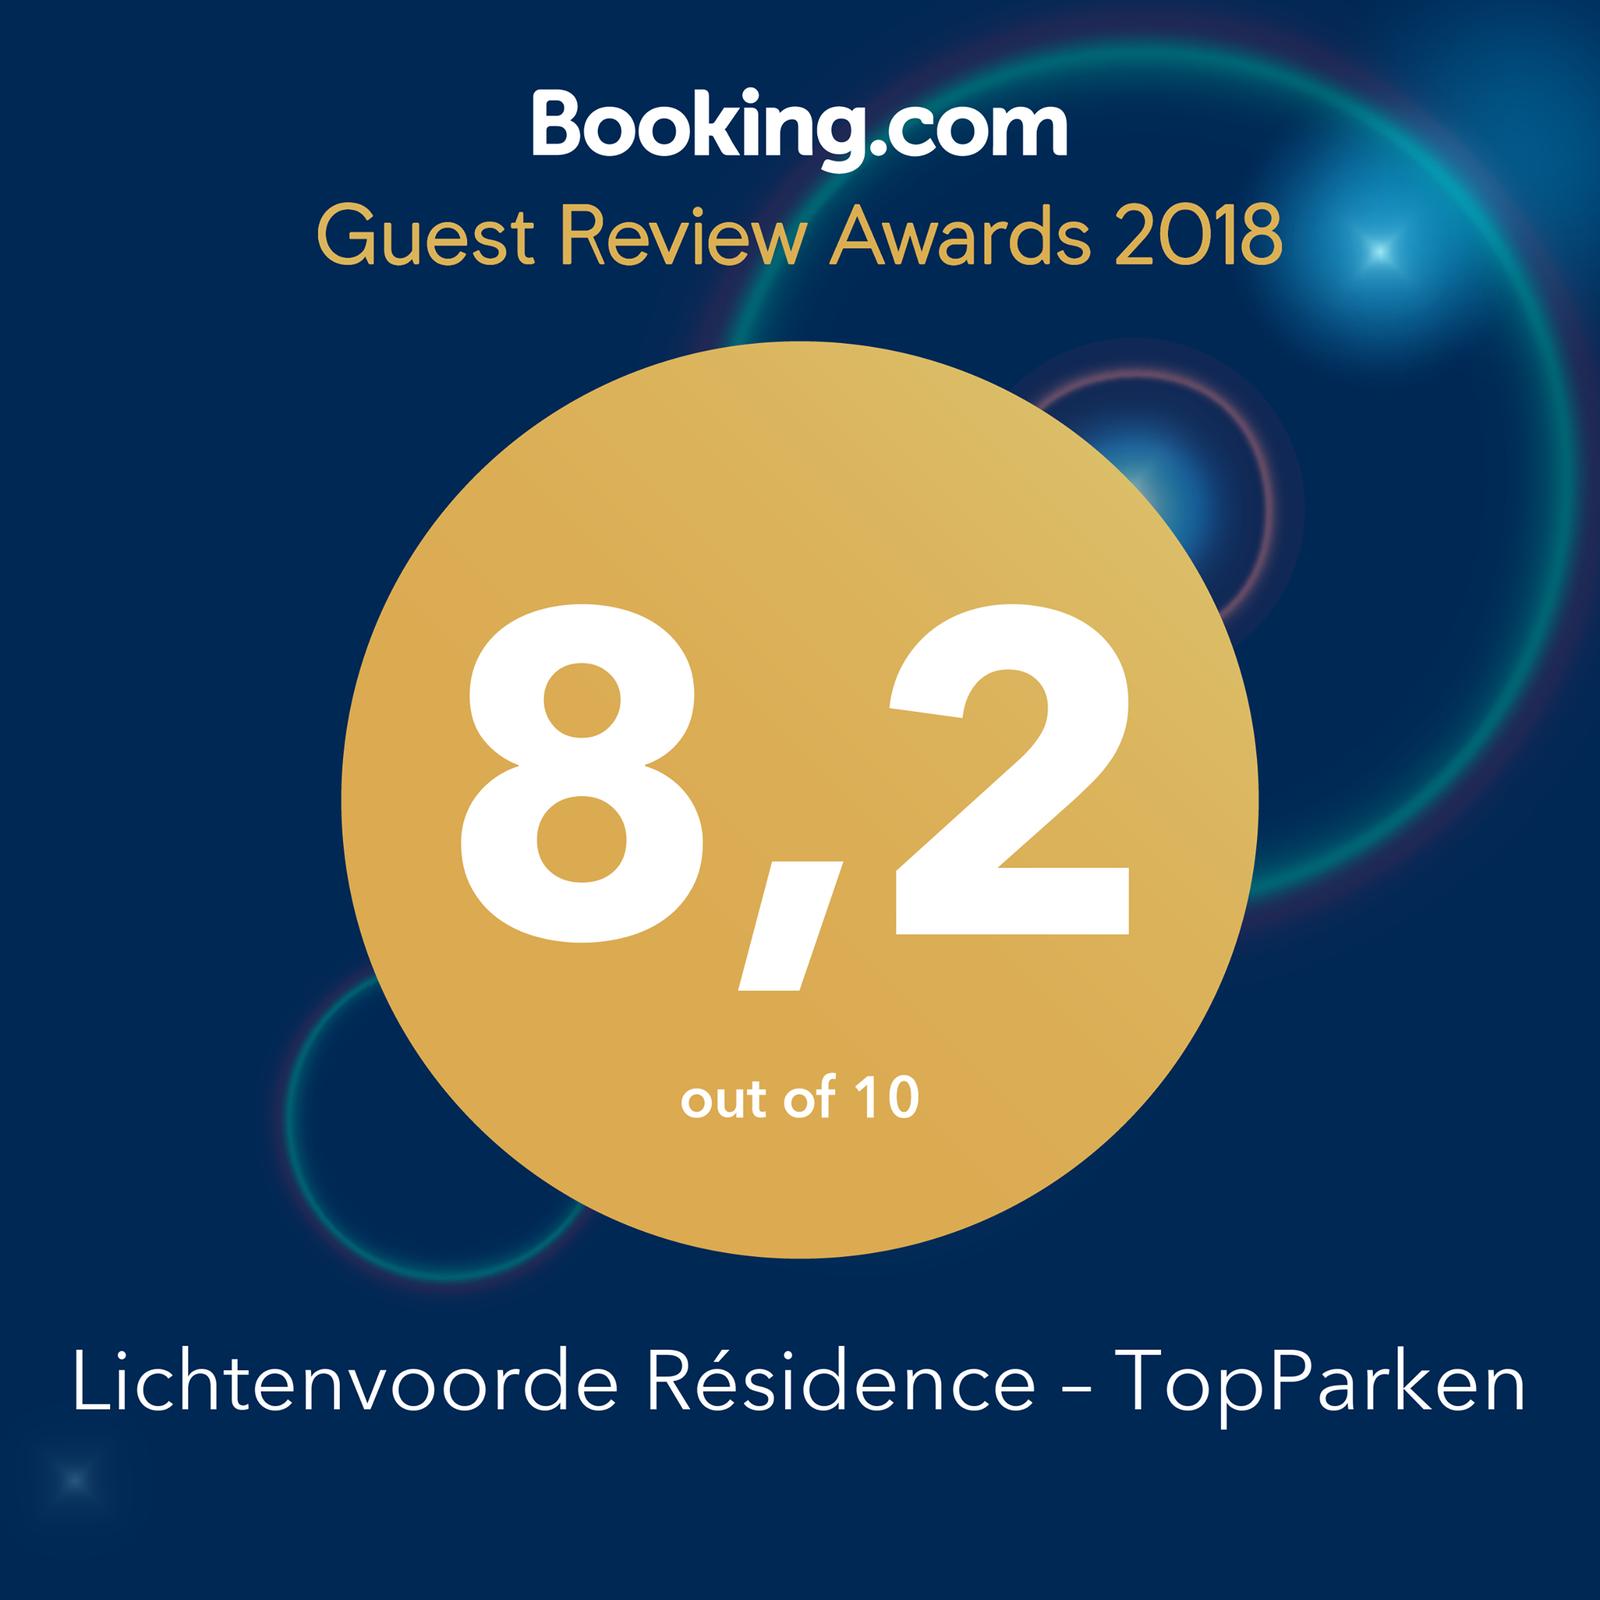 Guest Review Award - Résidence Lichtenvoorde